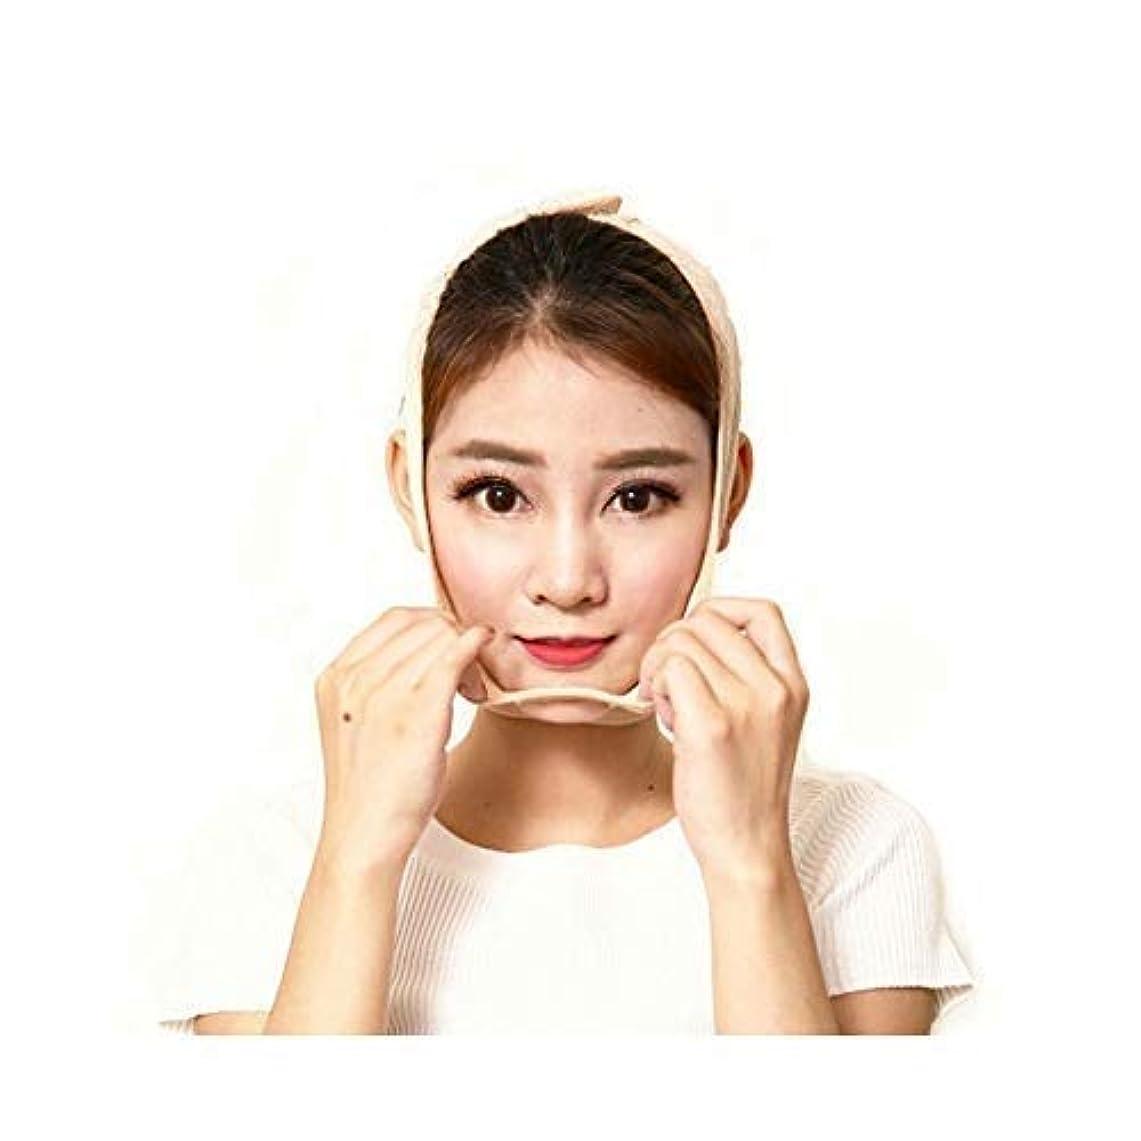 可能にする有害なことわざ引き締めマスク薄い顔アーティファクト包帯美容フードリフト引き締めマスクにダブルあごLスモールVフェイスマッサージフェイスリフトフェイシャル